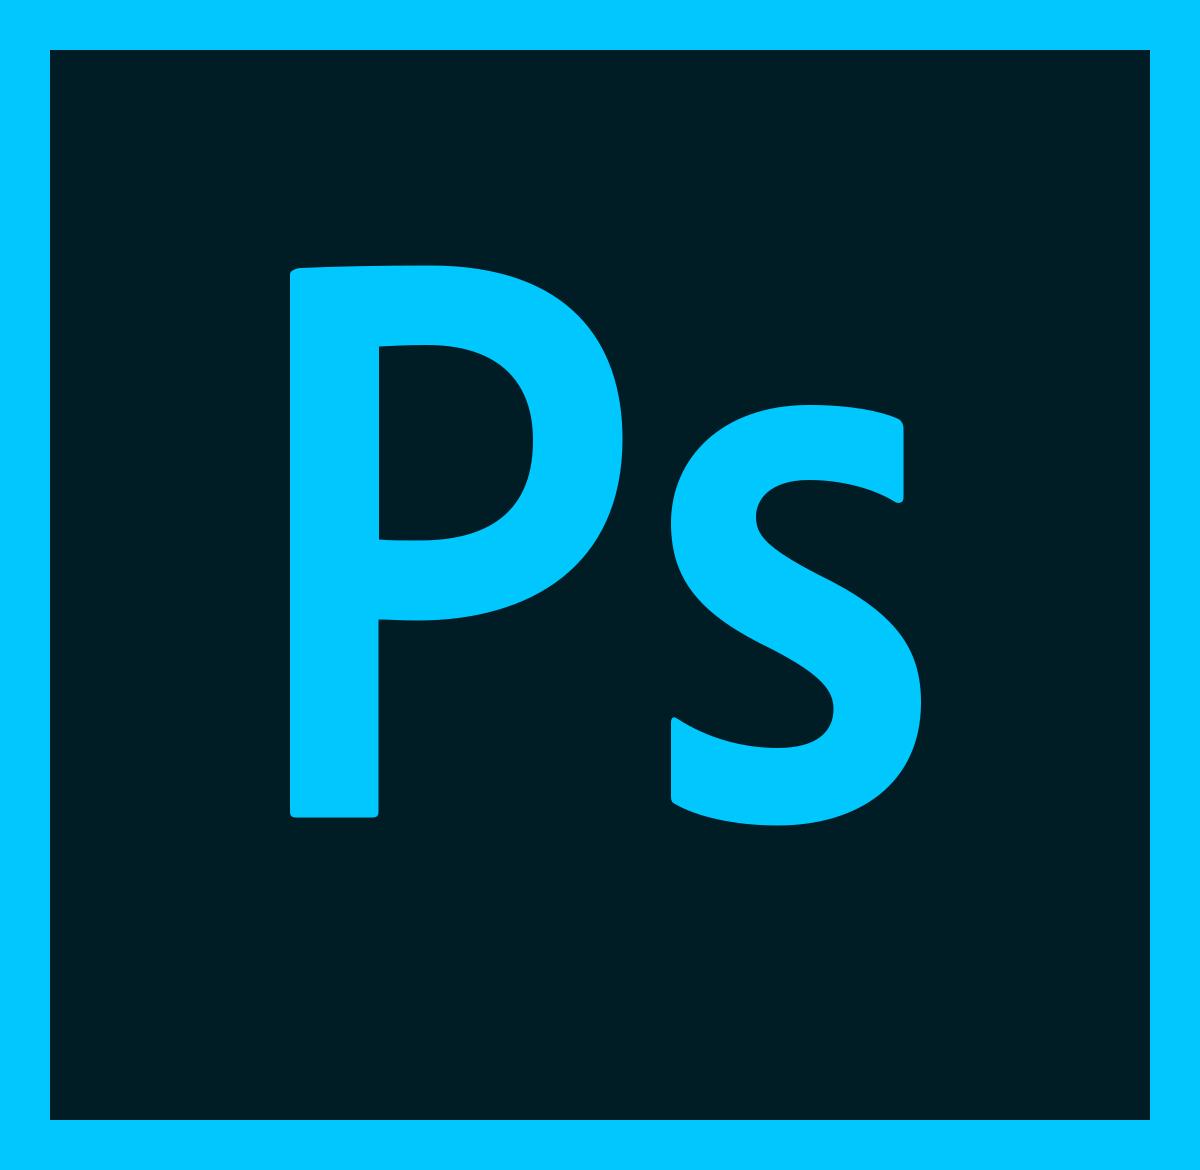 Photoshop : Guide complet - débutant & intermédiaire (Dématérialisé)